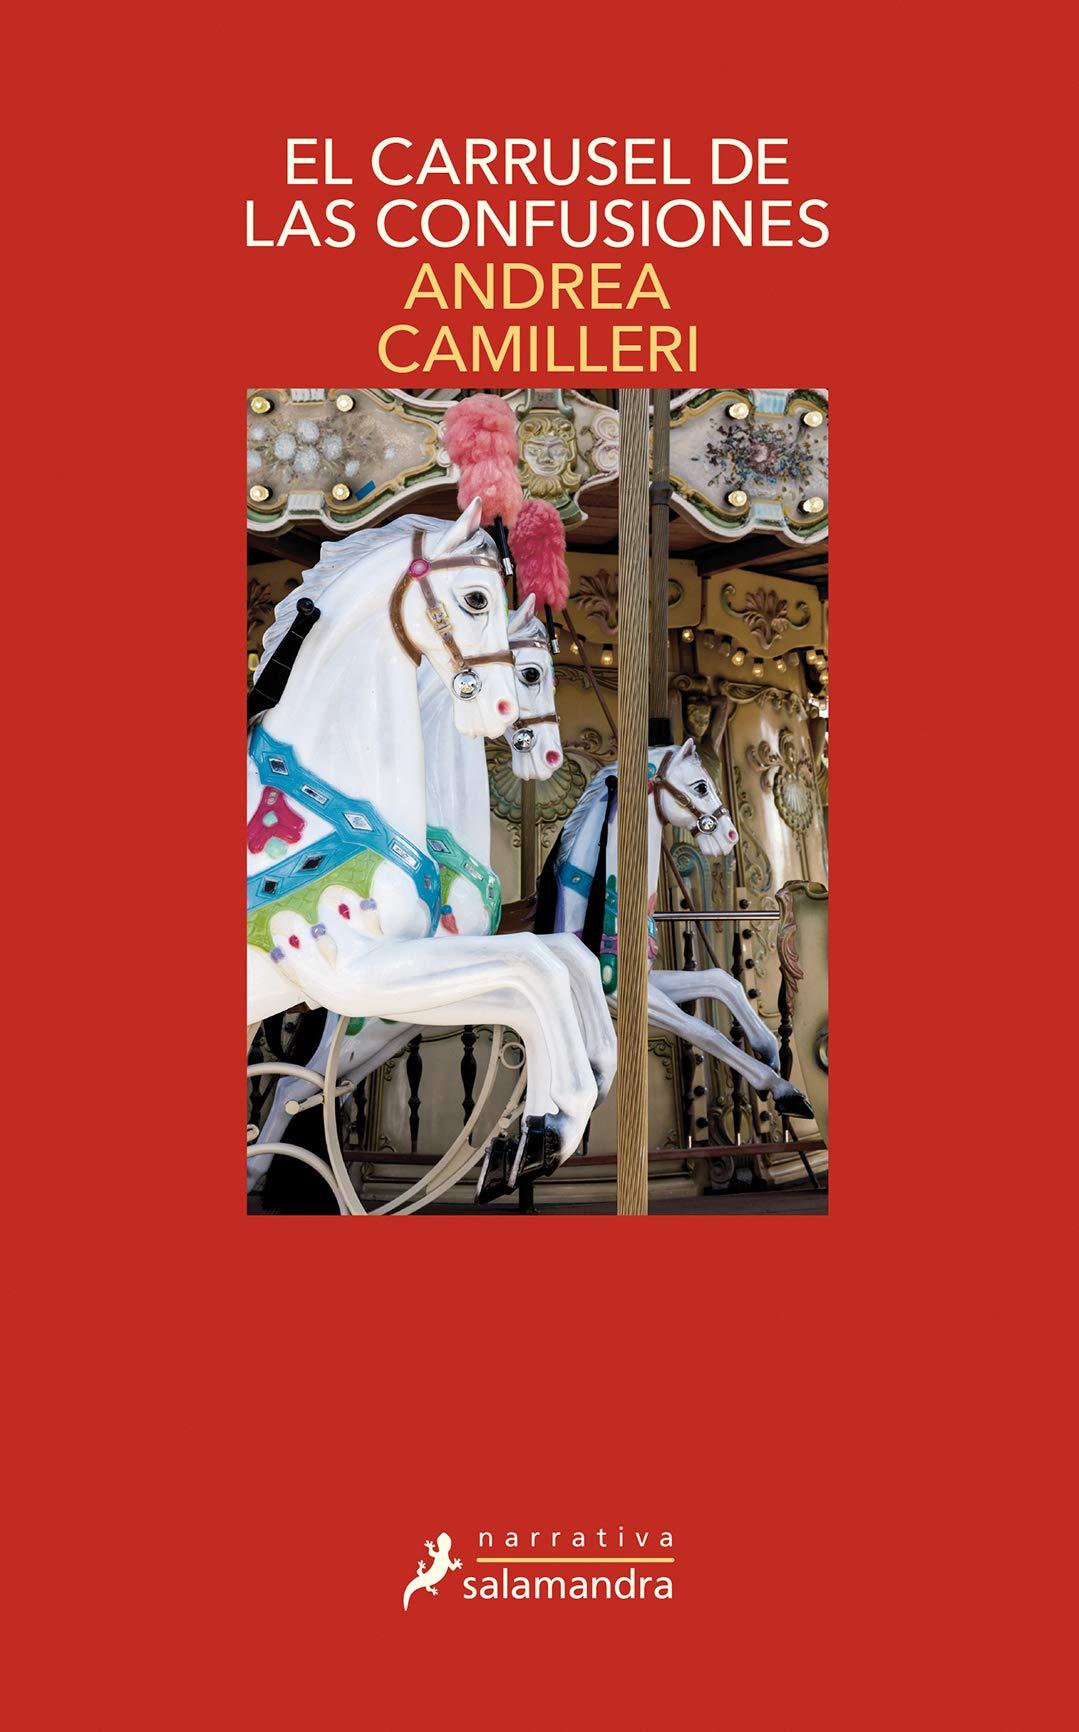 El Carrusel de las confusiones: Montalbano - Libro 28 Narrativa: Amazon.es:  Andrea Camilleri, Carlos Mayor Ortega: Libros